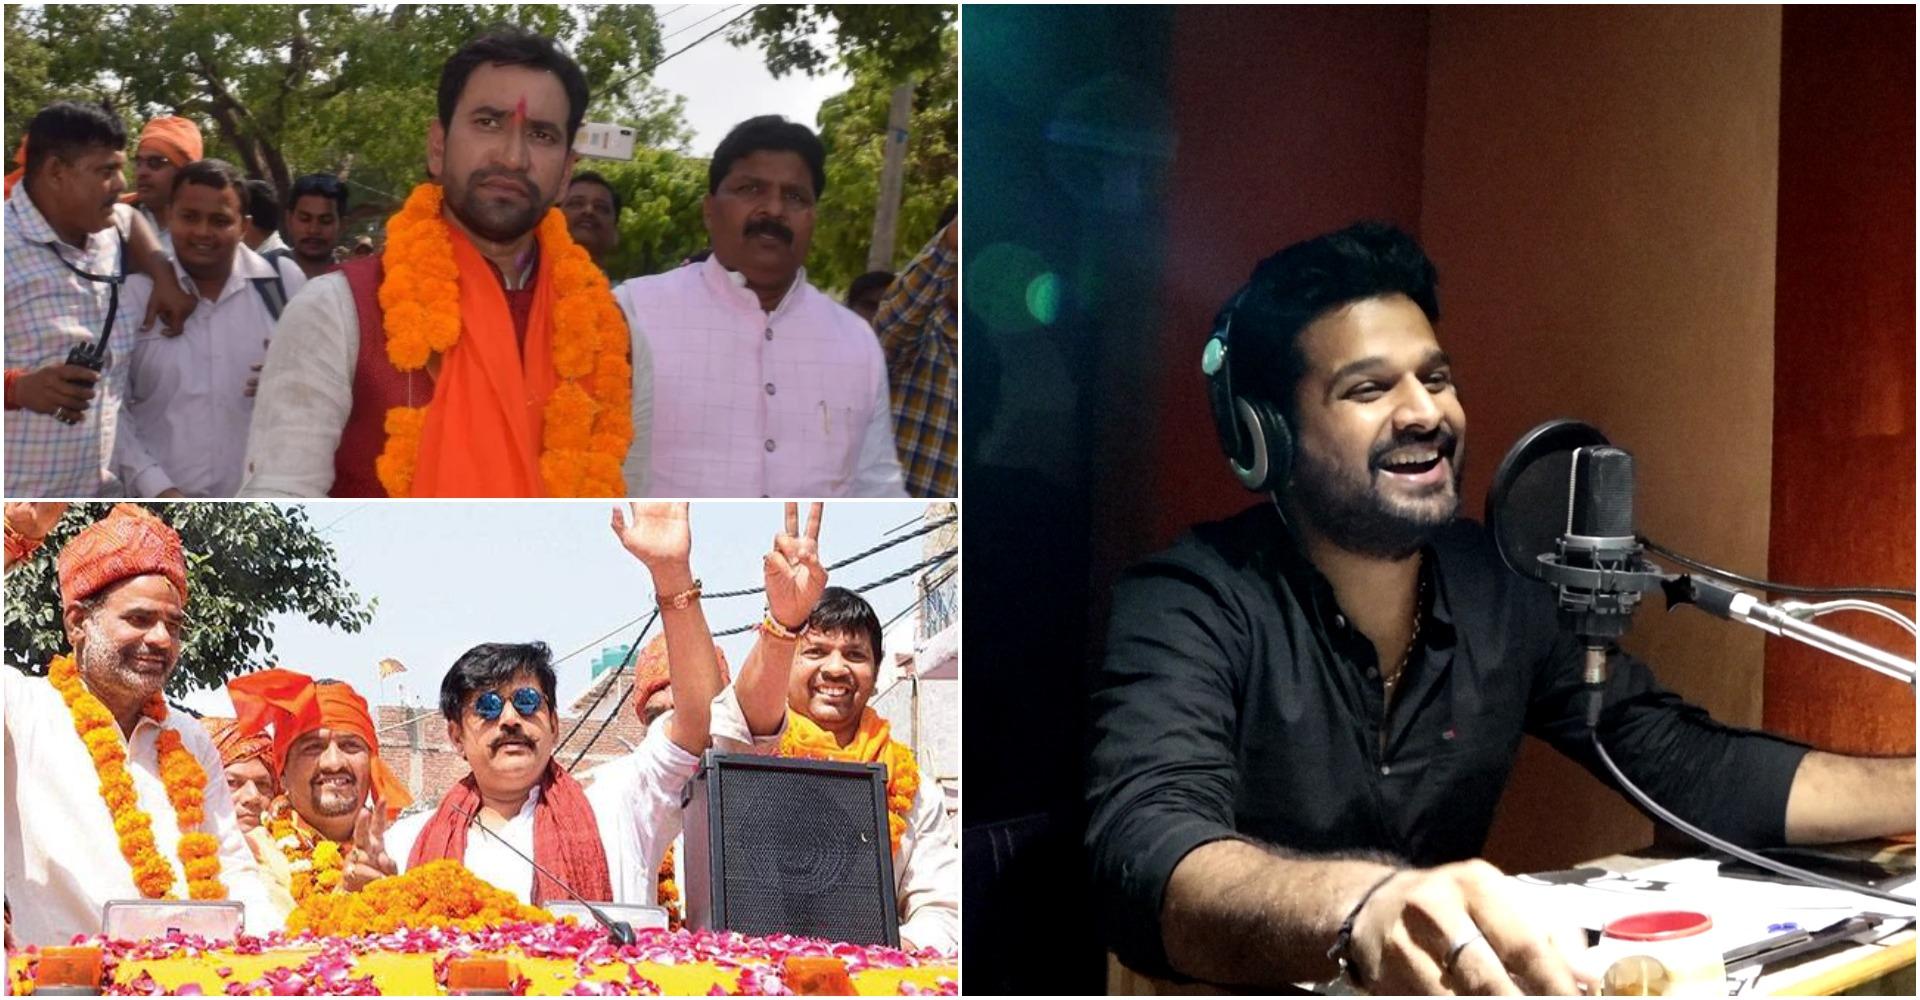 Ritesh Pandey Exclusive: निरहुआ-रवि किशन क्या जीत पाएंगे लोकसभा चुनाव? भोजपुरी टॉवर पर कही ये बात